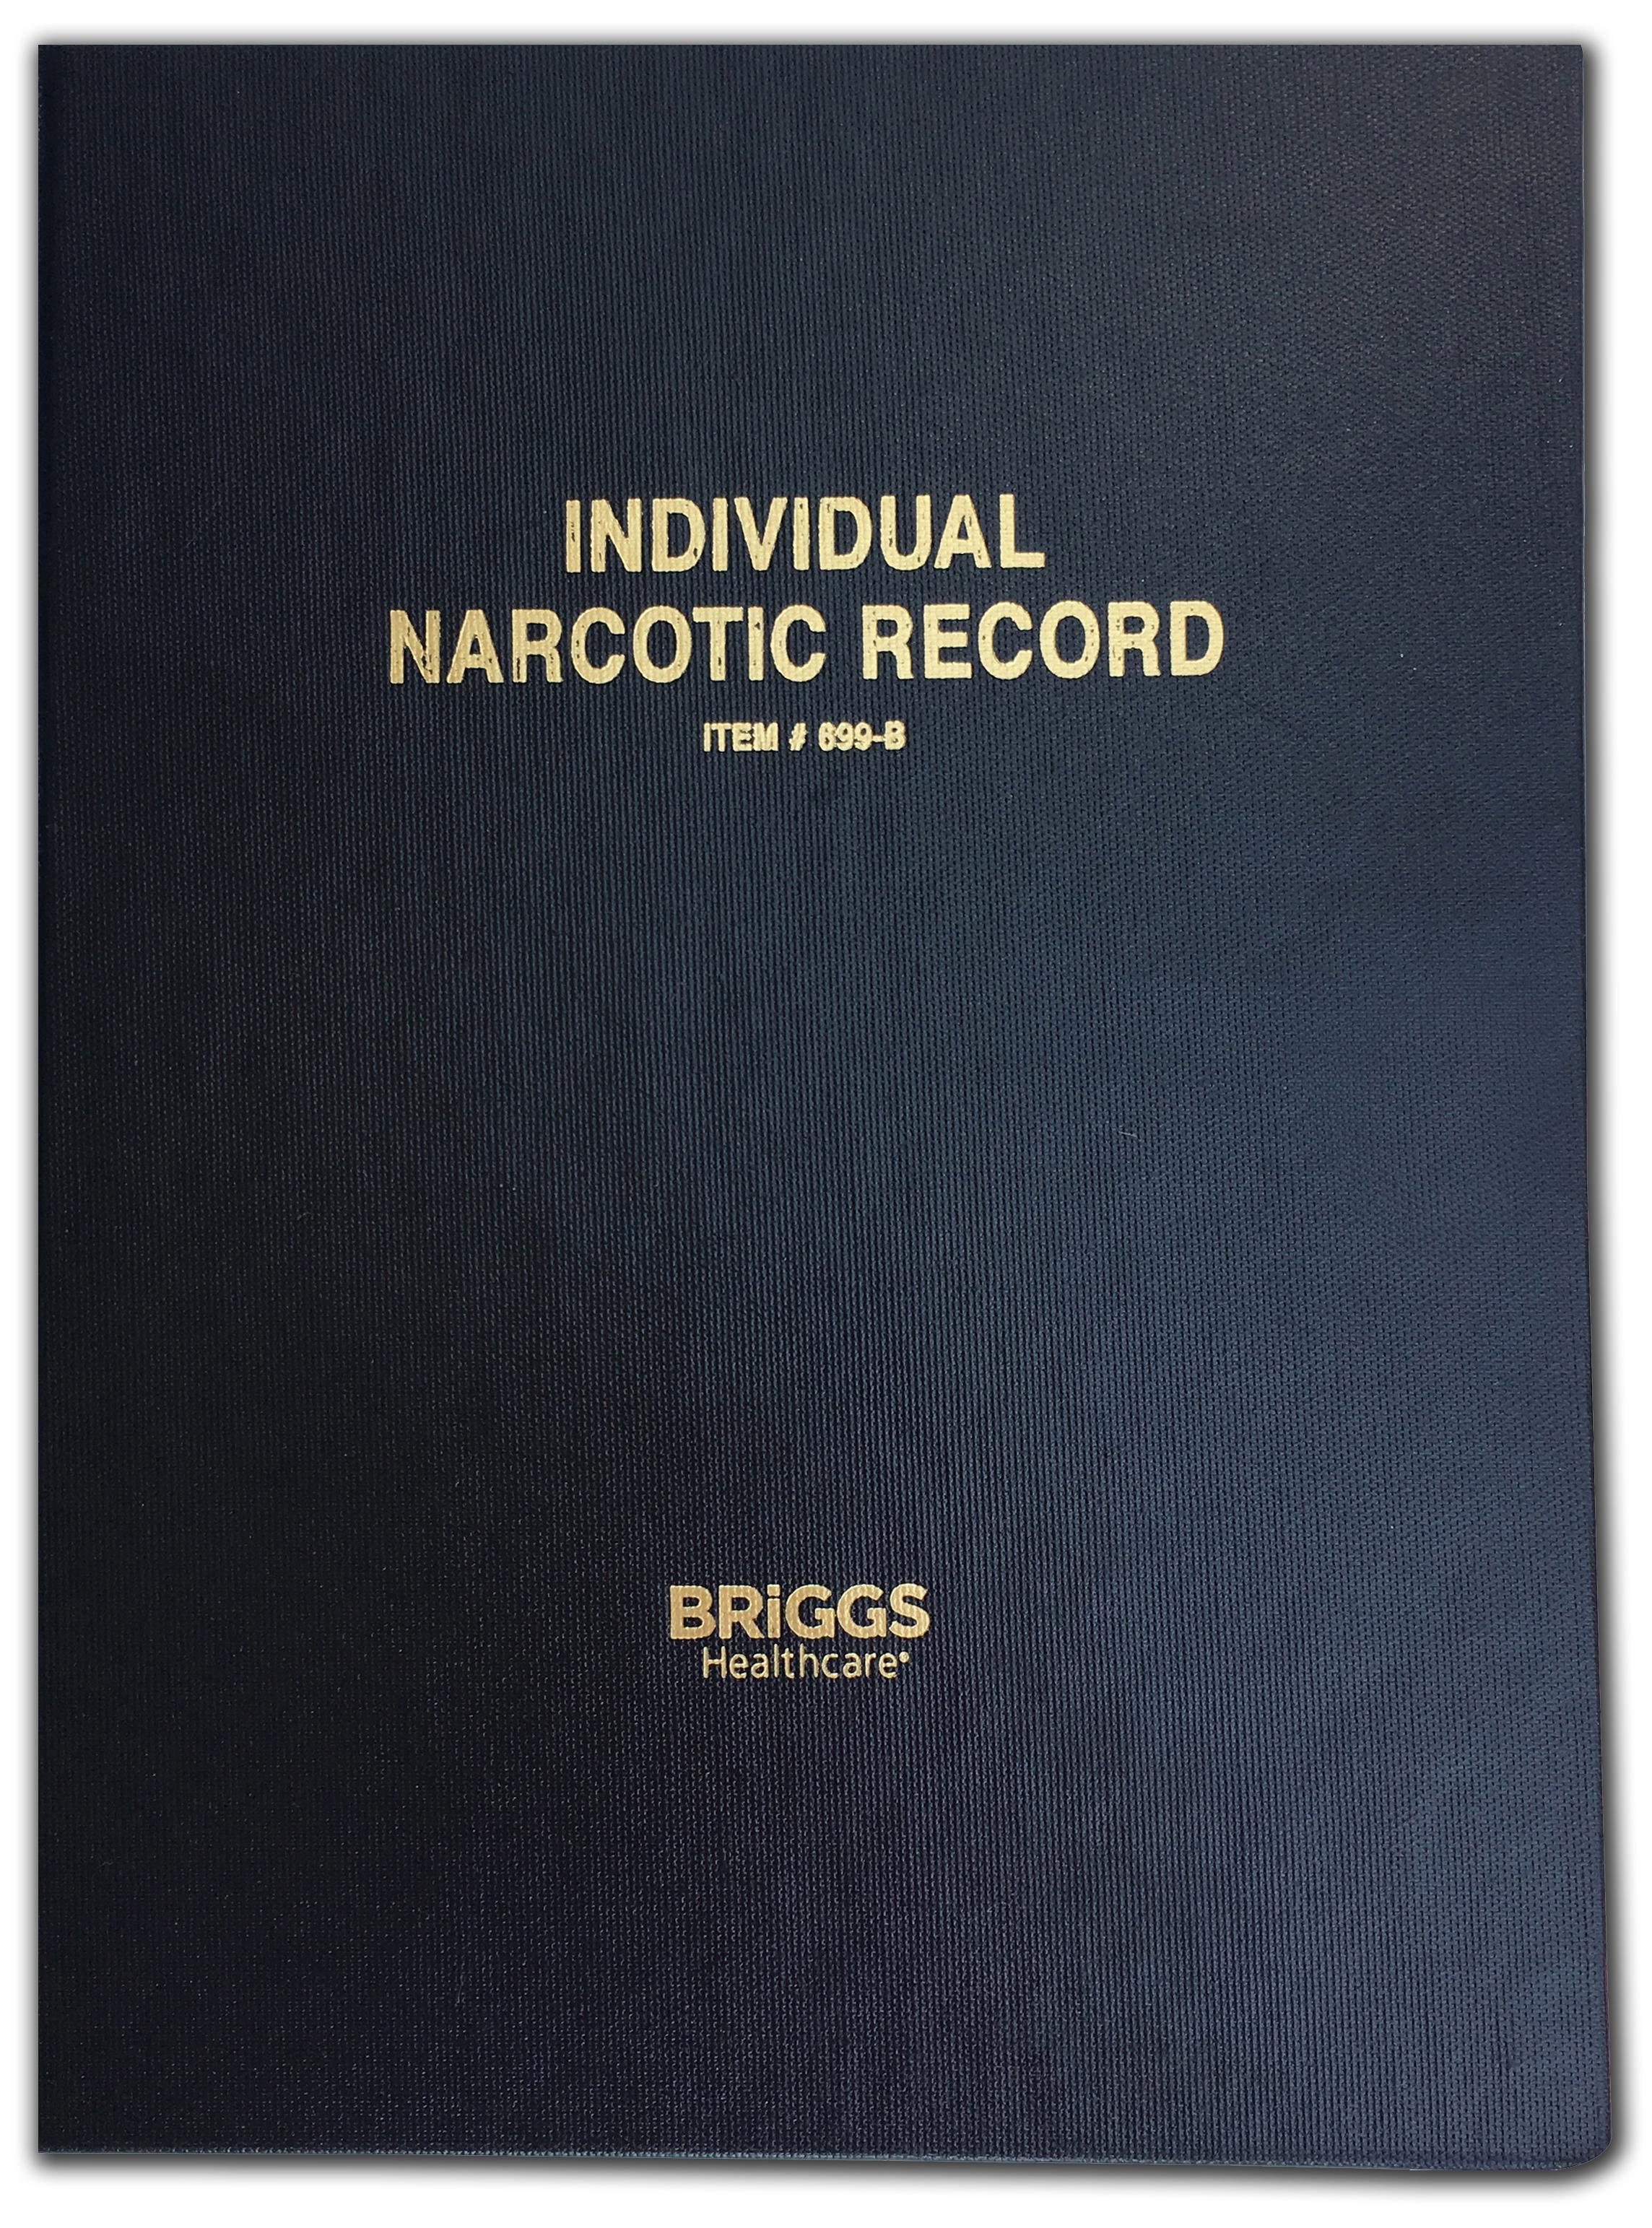 individual narcotic record book